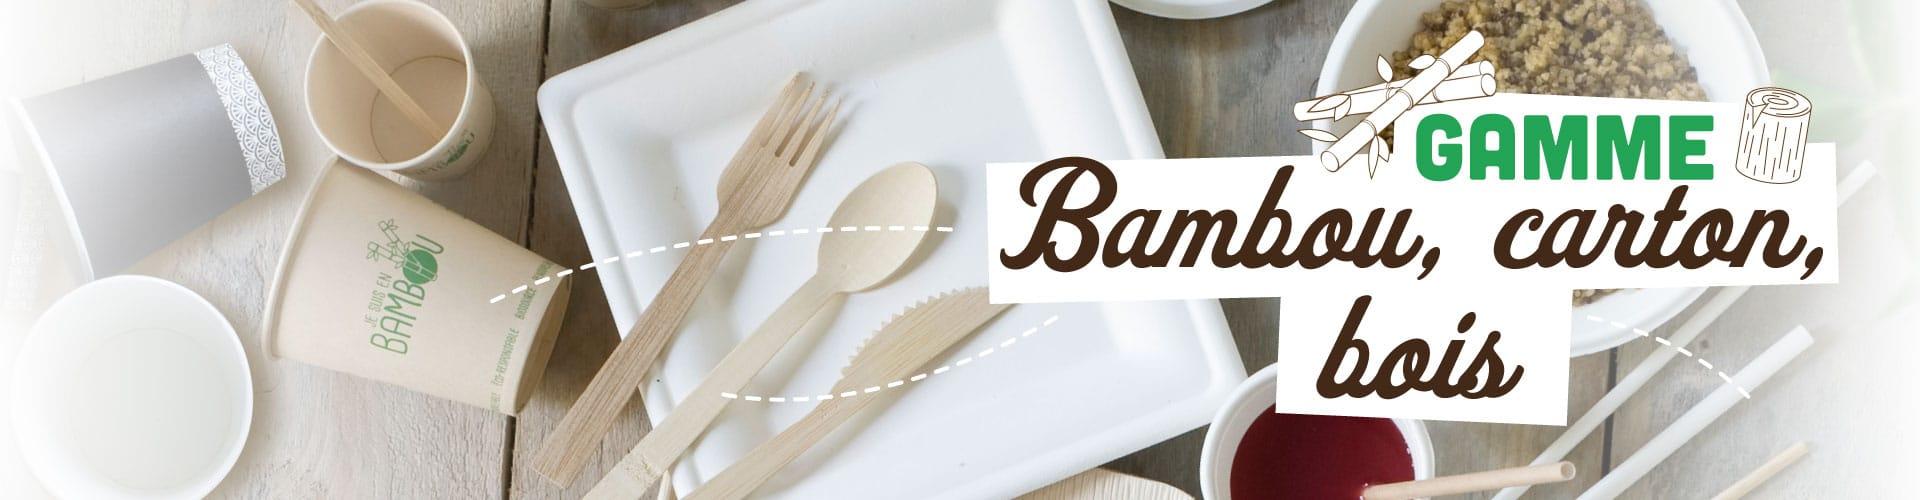 gamme_bambou